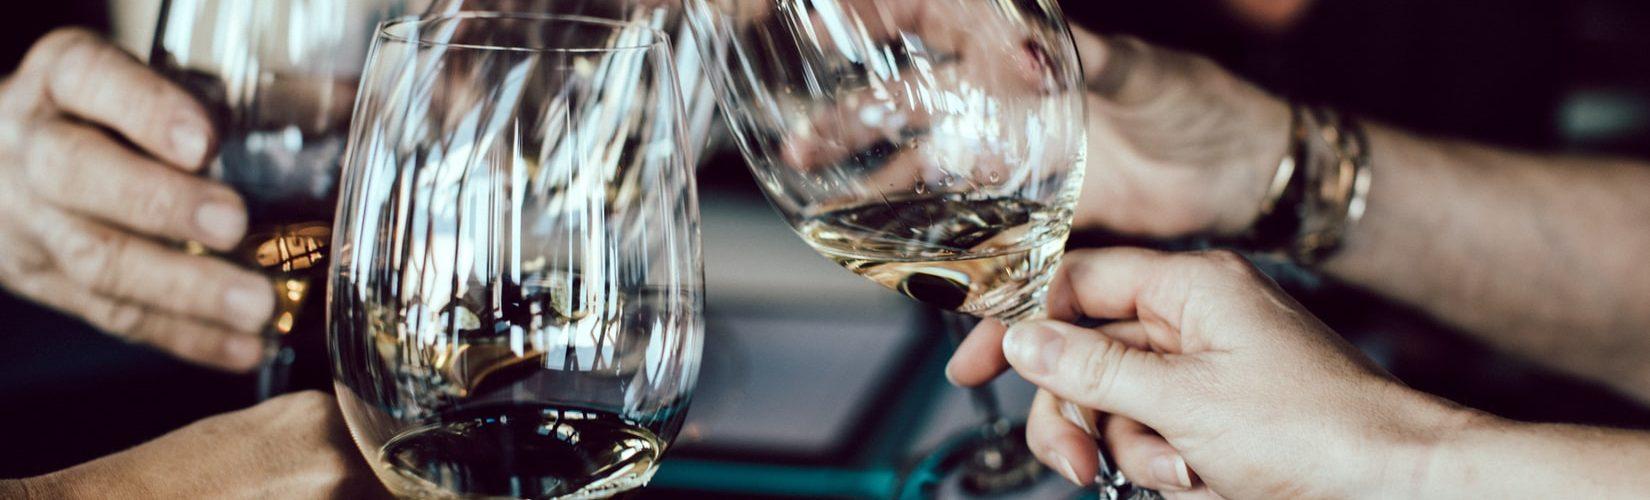 wijn-glazen-drank-alcohol